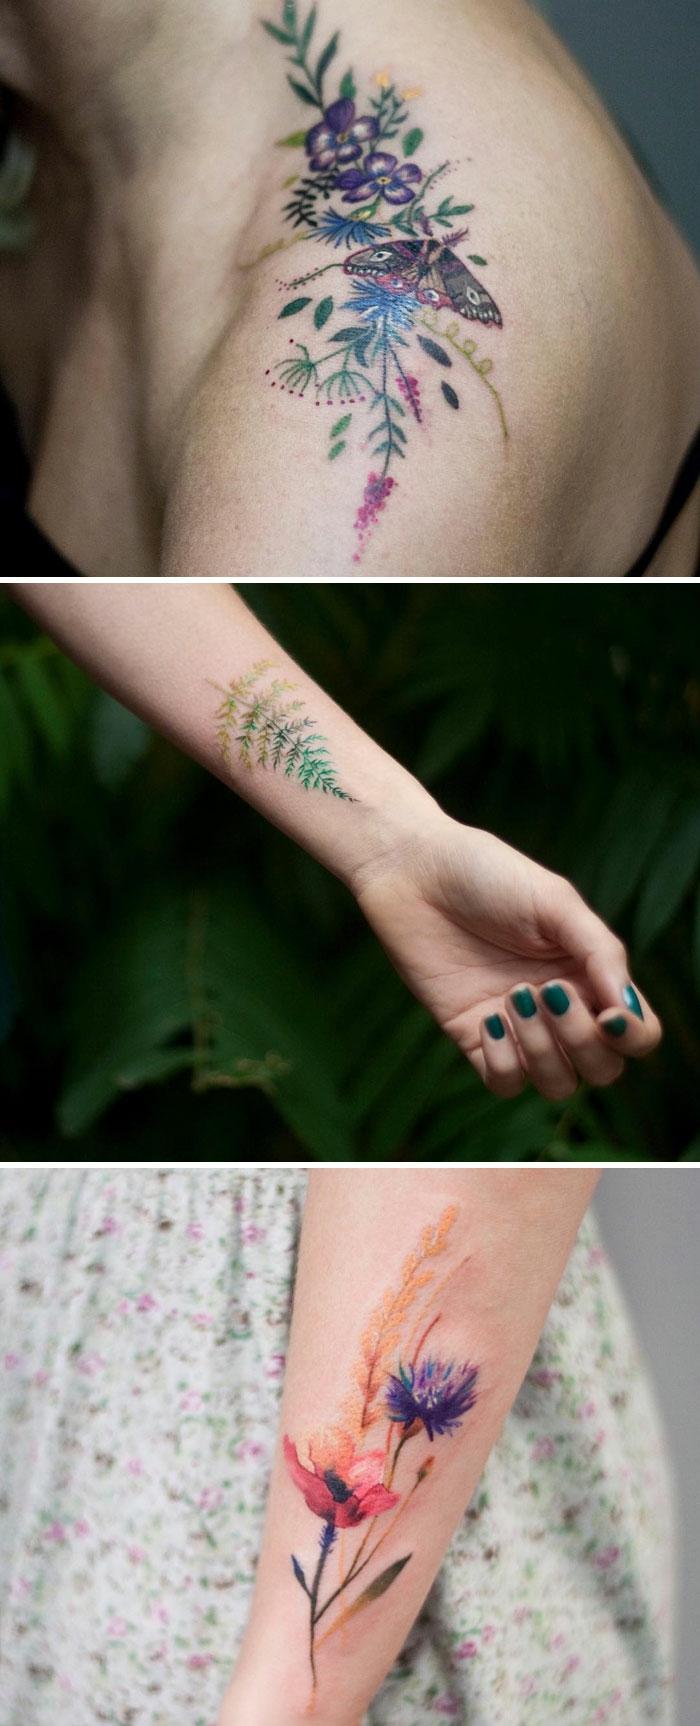 fiore-tattoo-tre-idee-colorate-graziose-diversi-punti-corpo